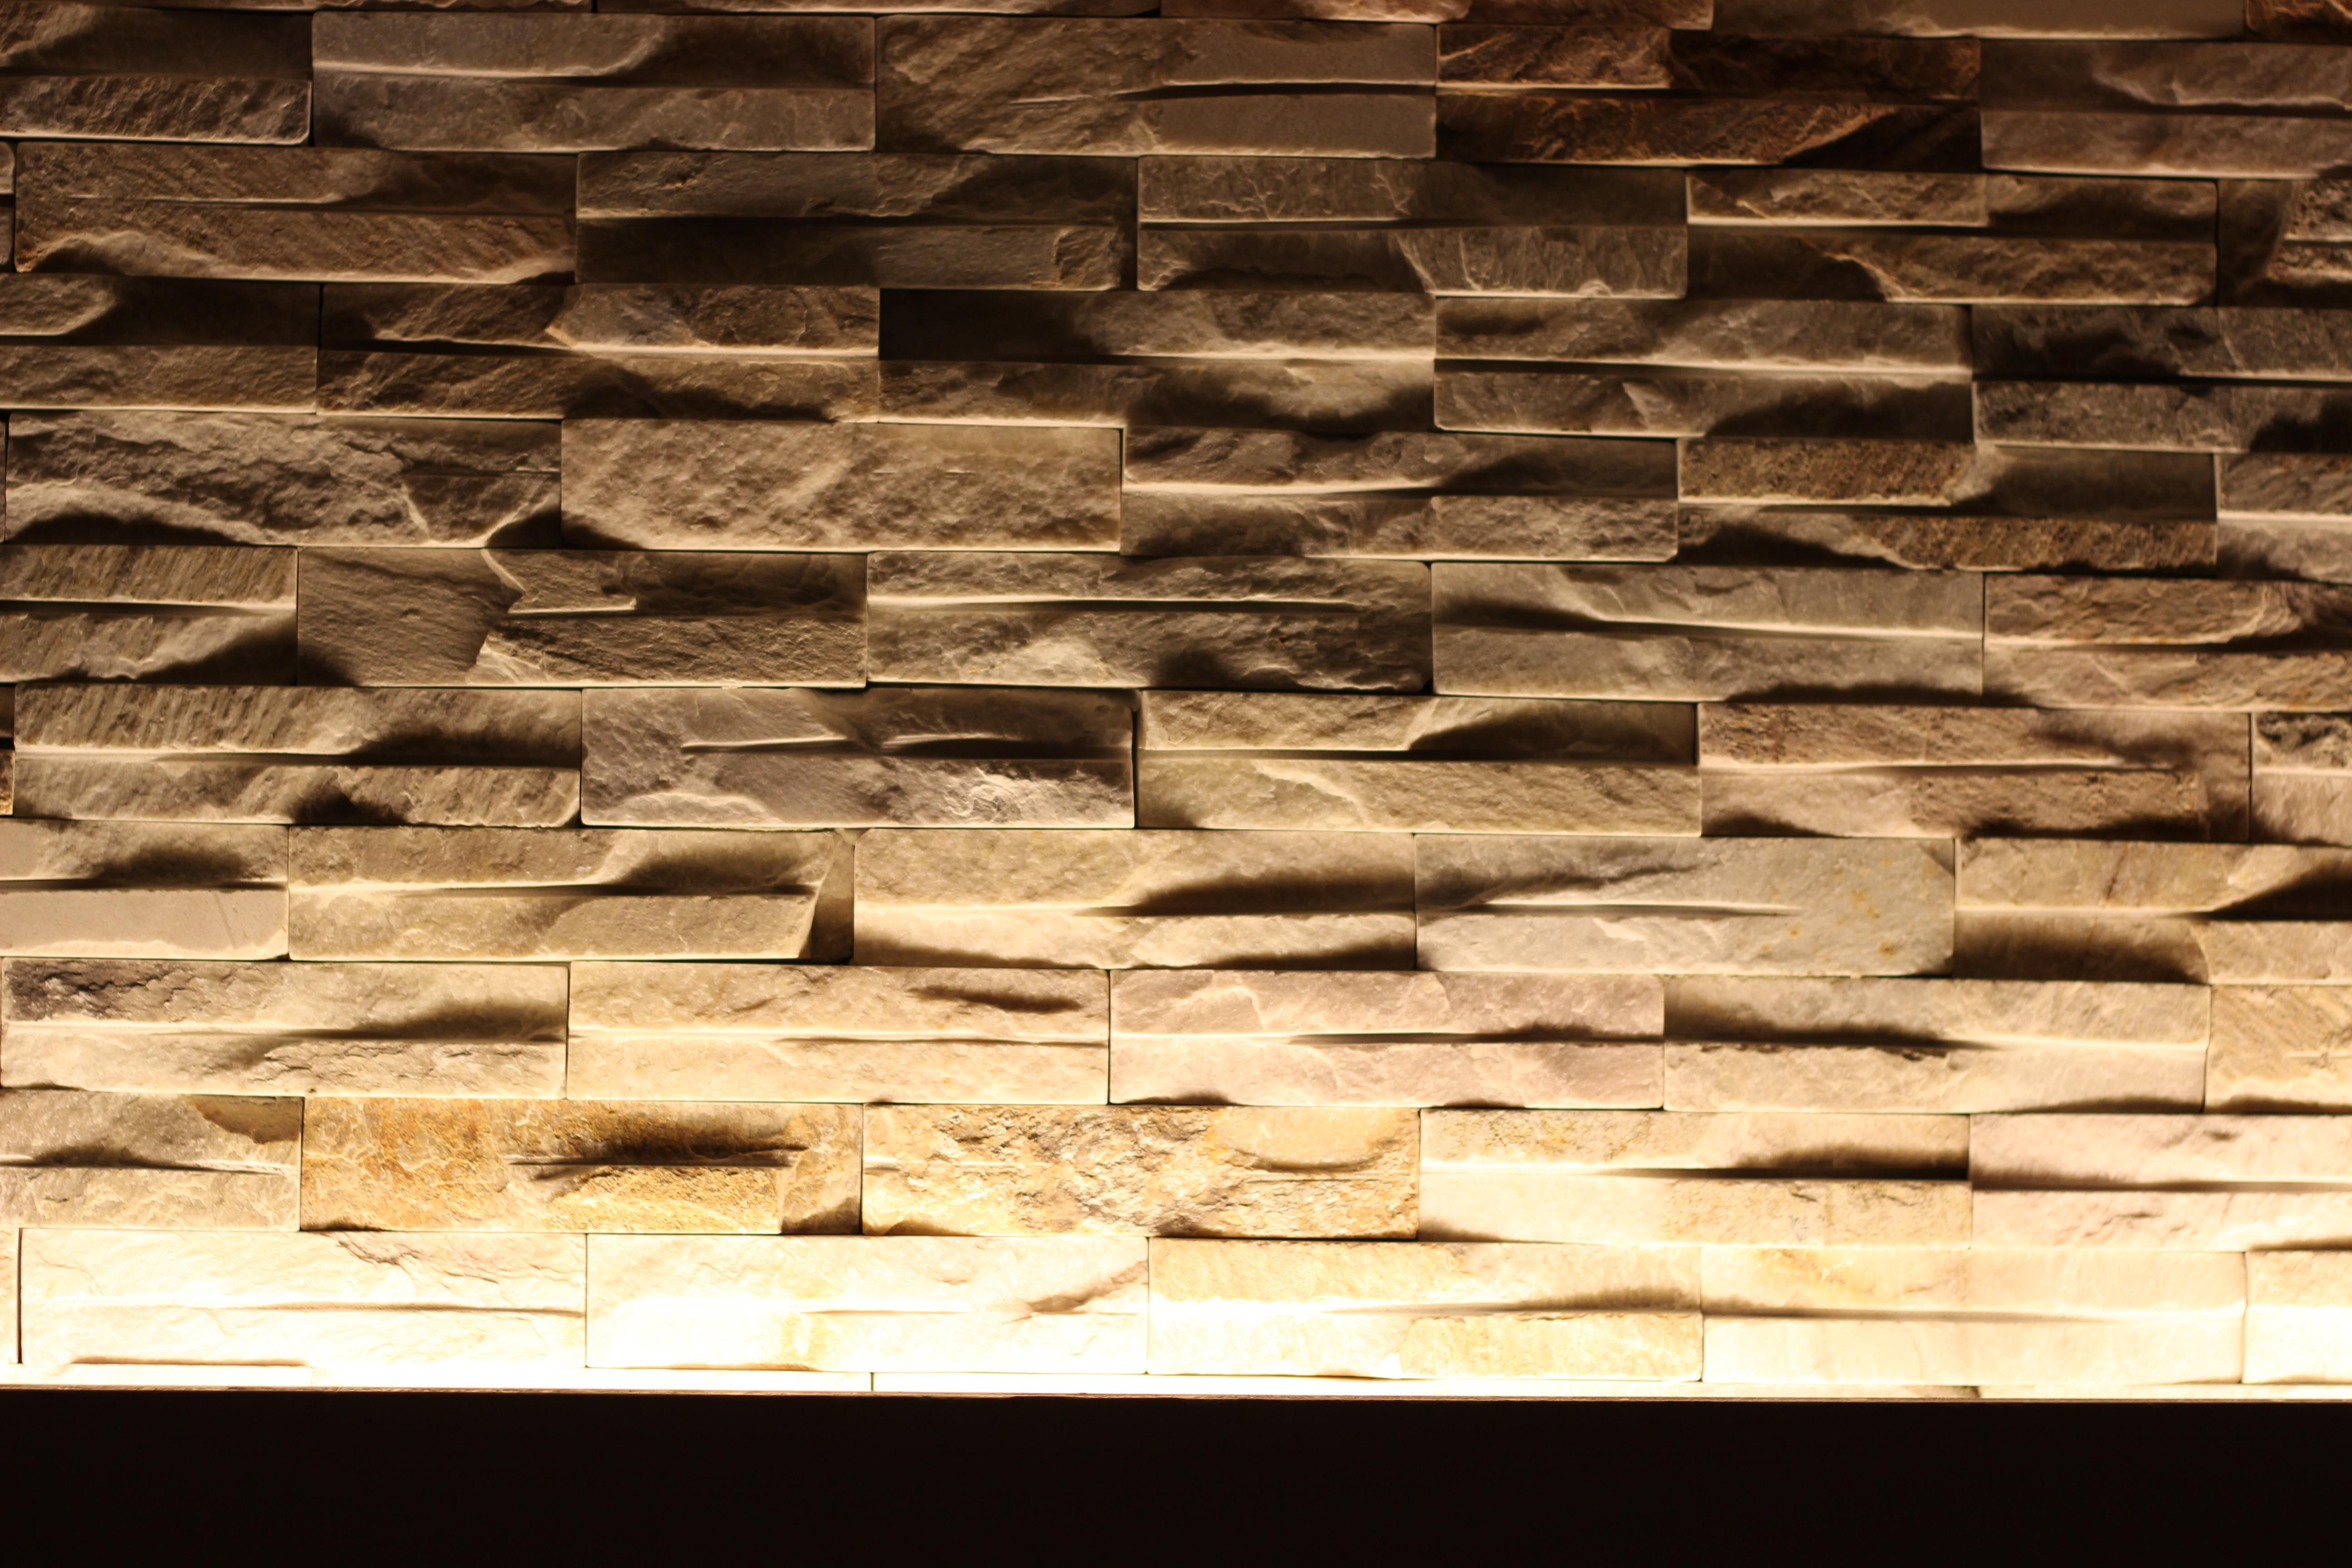 ... Holz, Textur, Stock, Mauer, Schatten, Boden, Steinwand, Ziegel,  Material, Steine, Hintergrund, Mauerwerk, Bodenbelag, Indirekte Beleuchtung  5184x3456